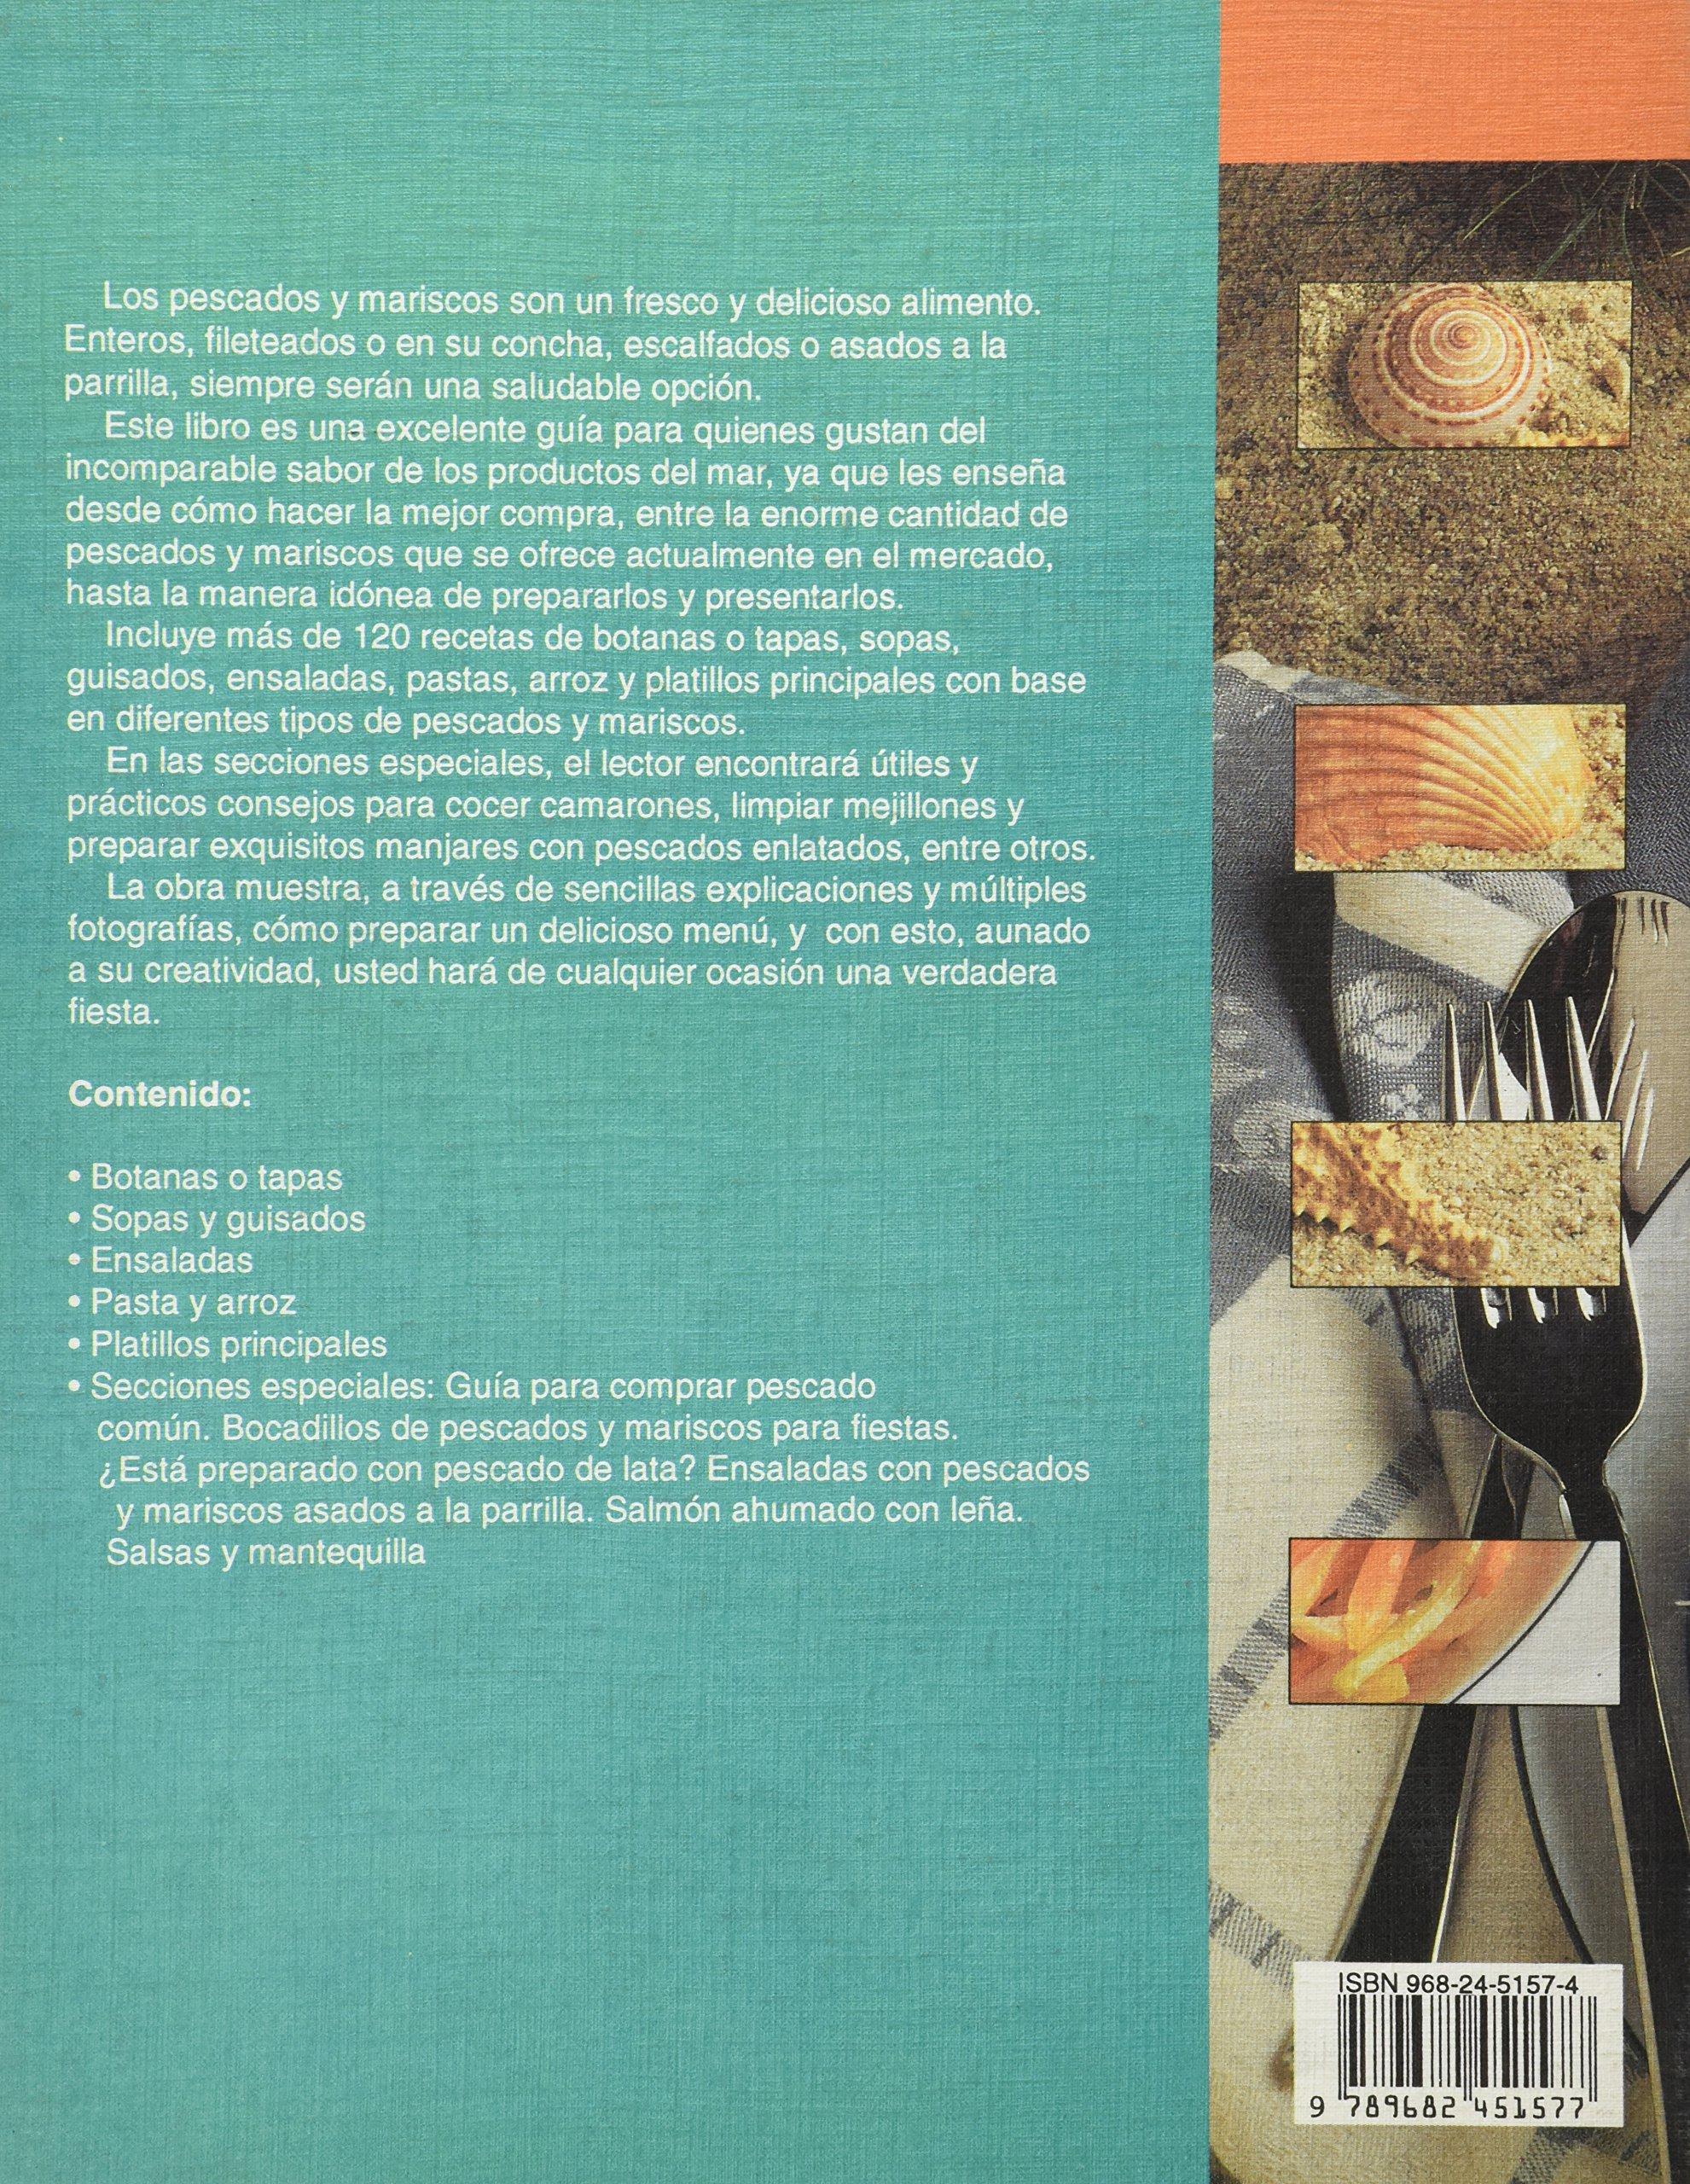 Pescados Y Mariscos (Platillos Frescos Y Deliciosos): SUNSET: 9789682451577: Amazon.com: Books